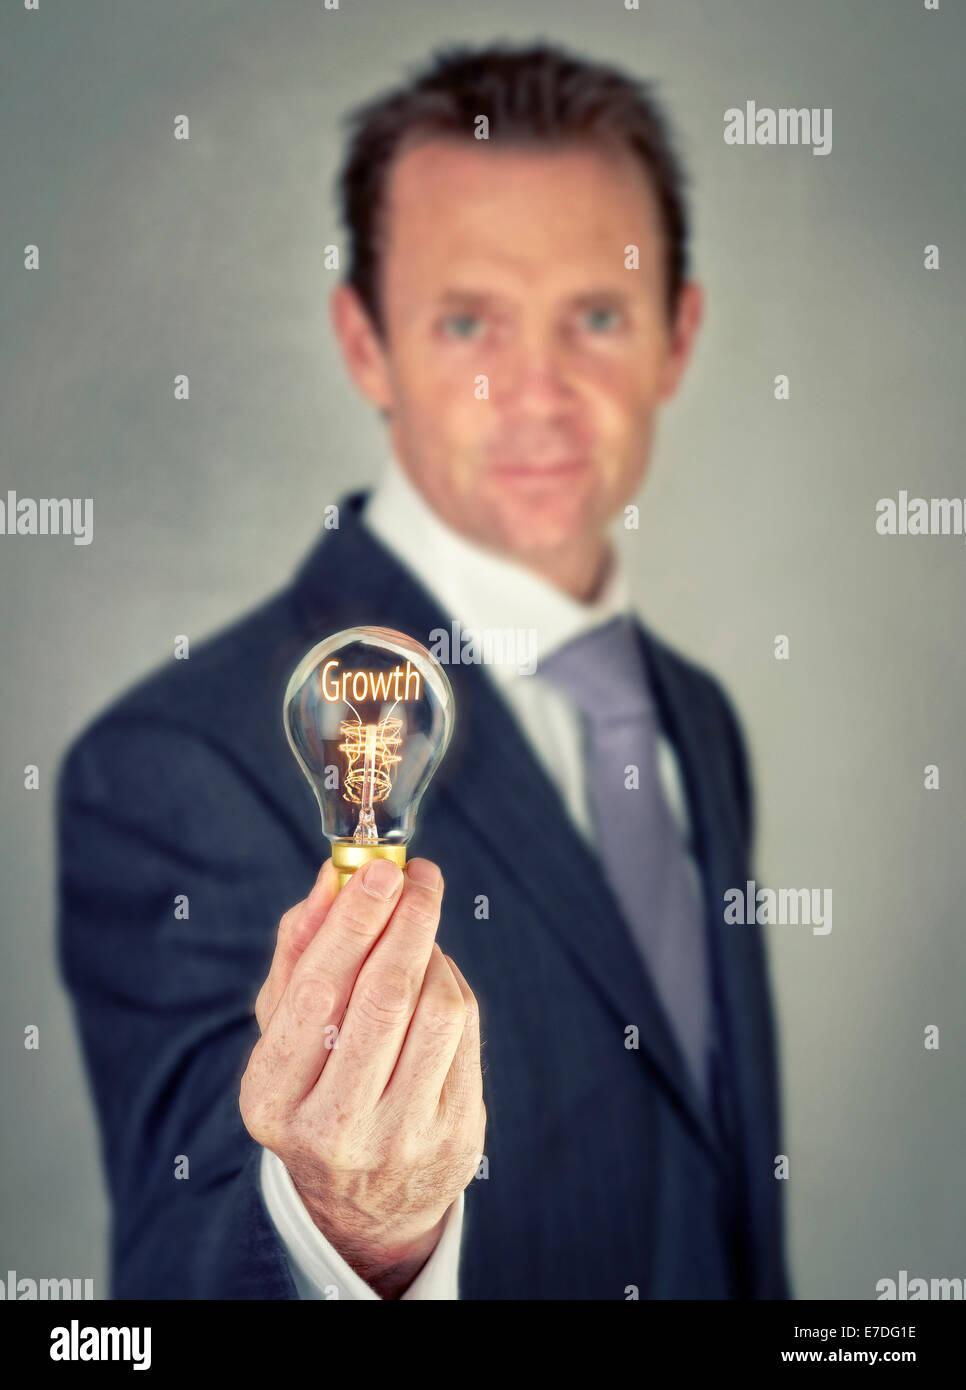 Geschäftsmann mit einem beleuchteten Glühbirne-Konzept mit dem Wort Wachstum. Stockbild